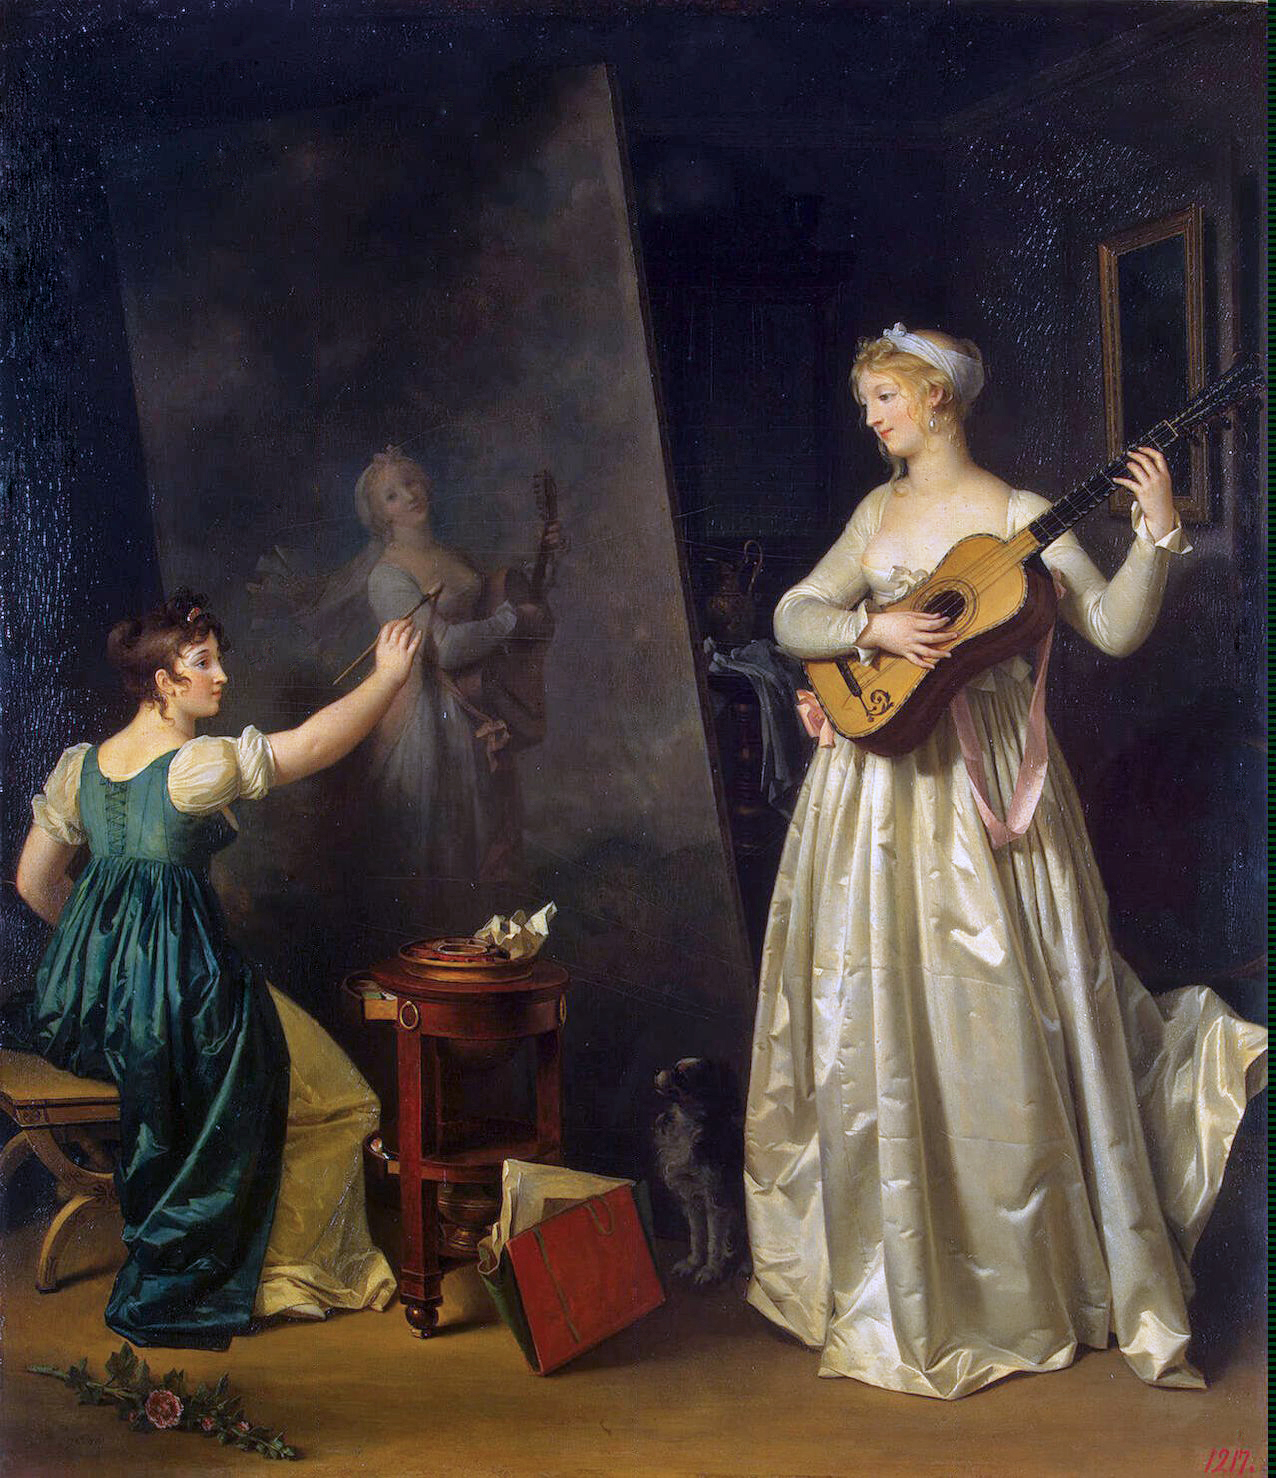 Peinture Française du 19ème Siècle: Artist Painting a Portrait of a Musician (1790-1803)